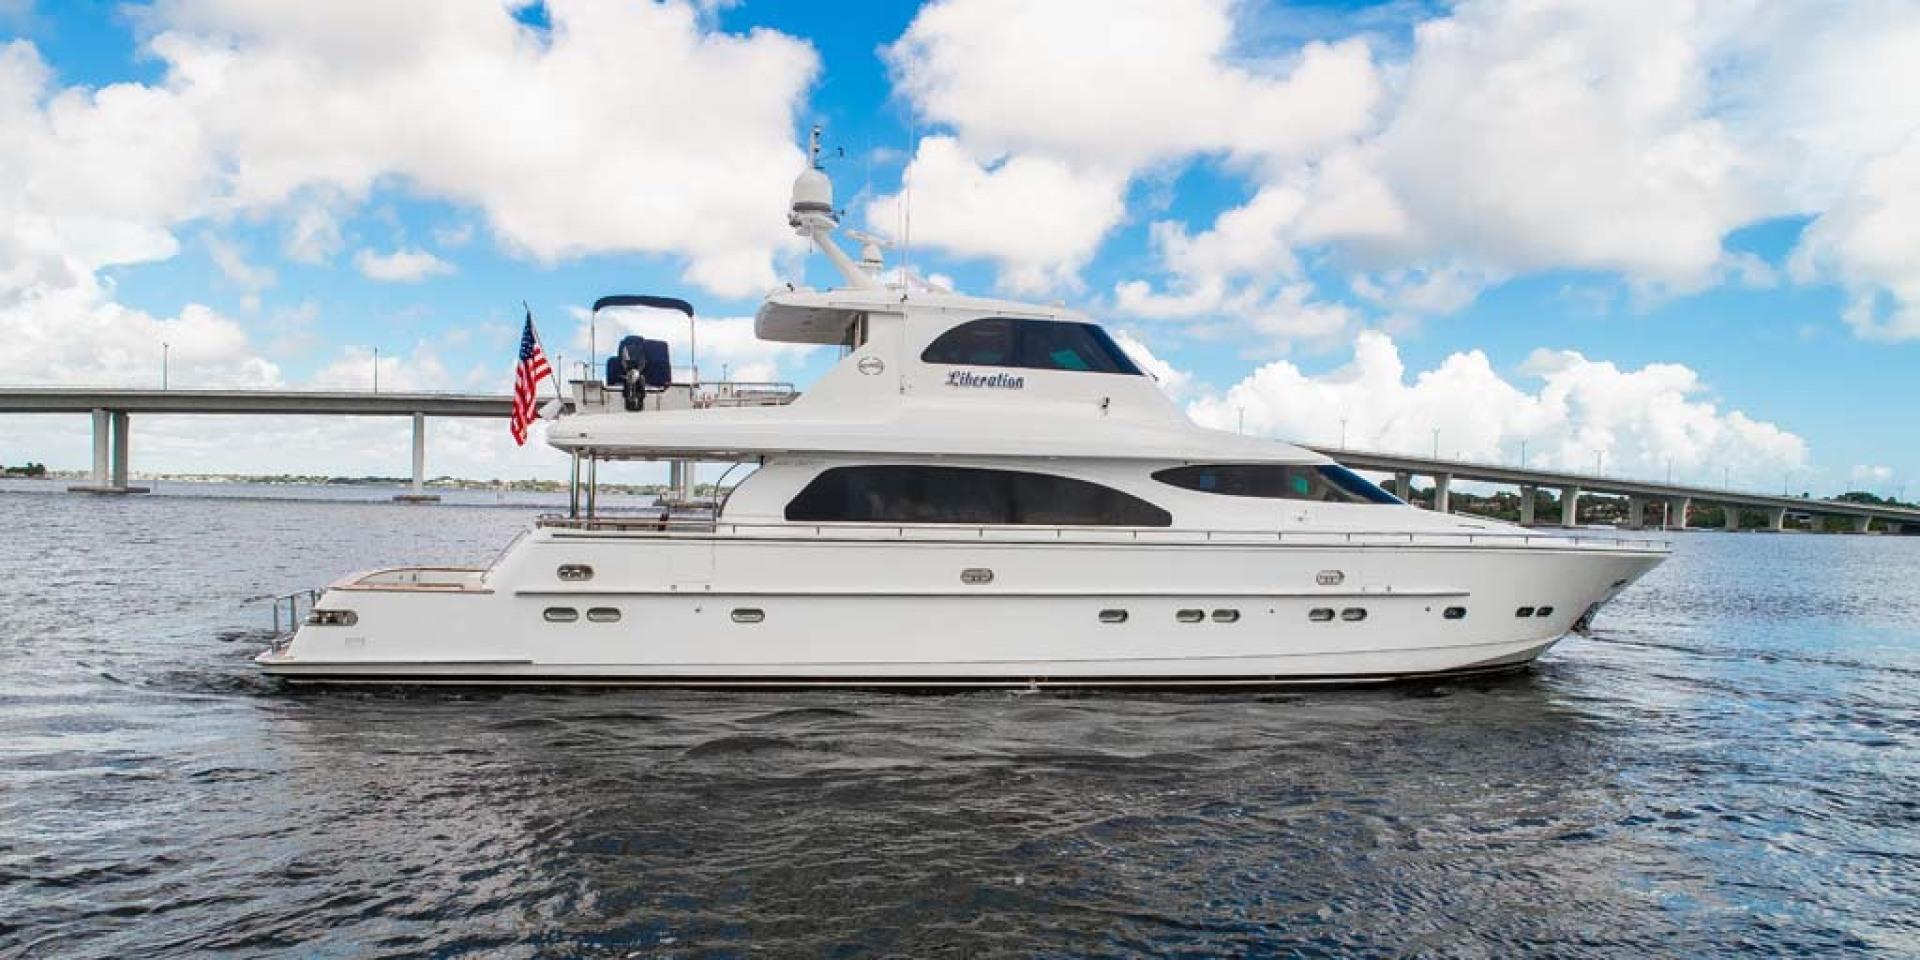 Horizon-Cockpit-Motor-Yacht-2008-Liberation-Stuart-Florida-United-States-Profile-1075307